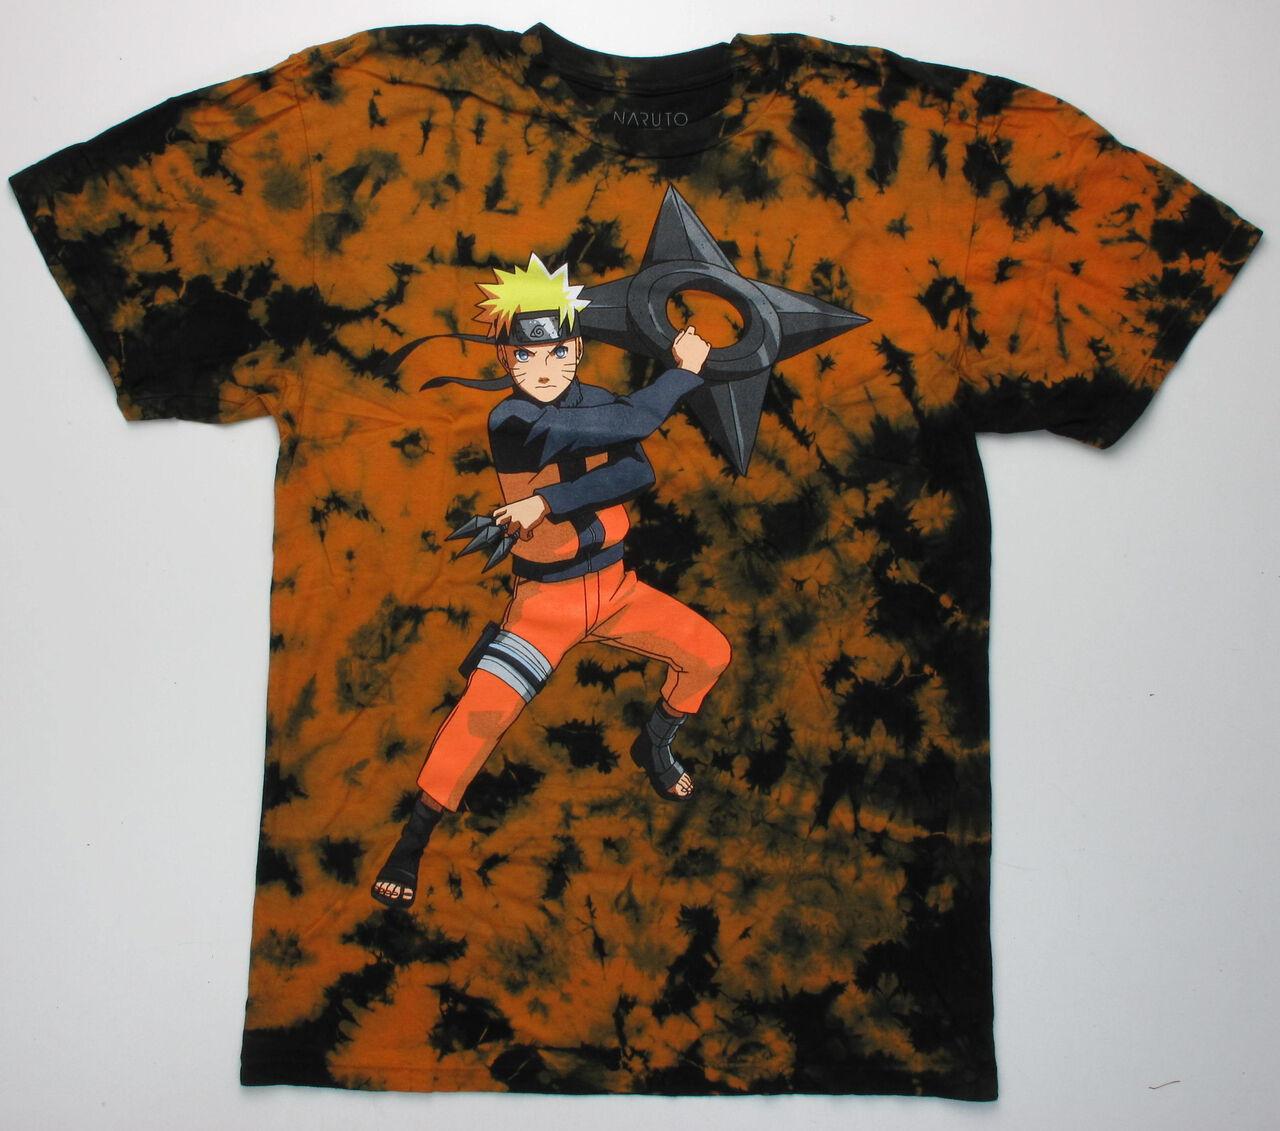 Naruto Kunai Shuriken Tye Dye T-Shirt